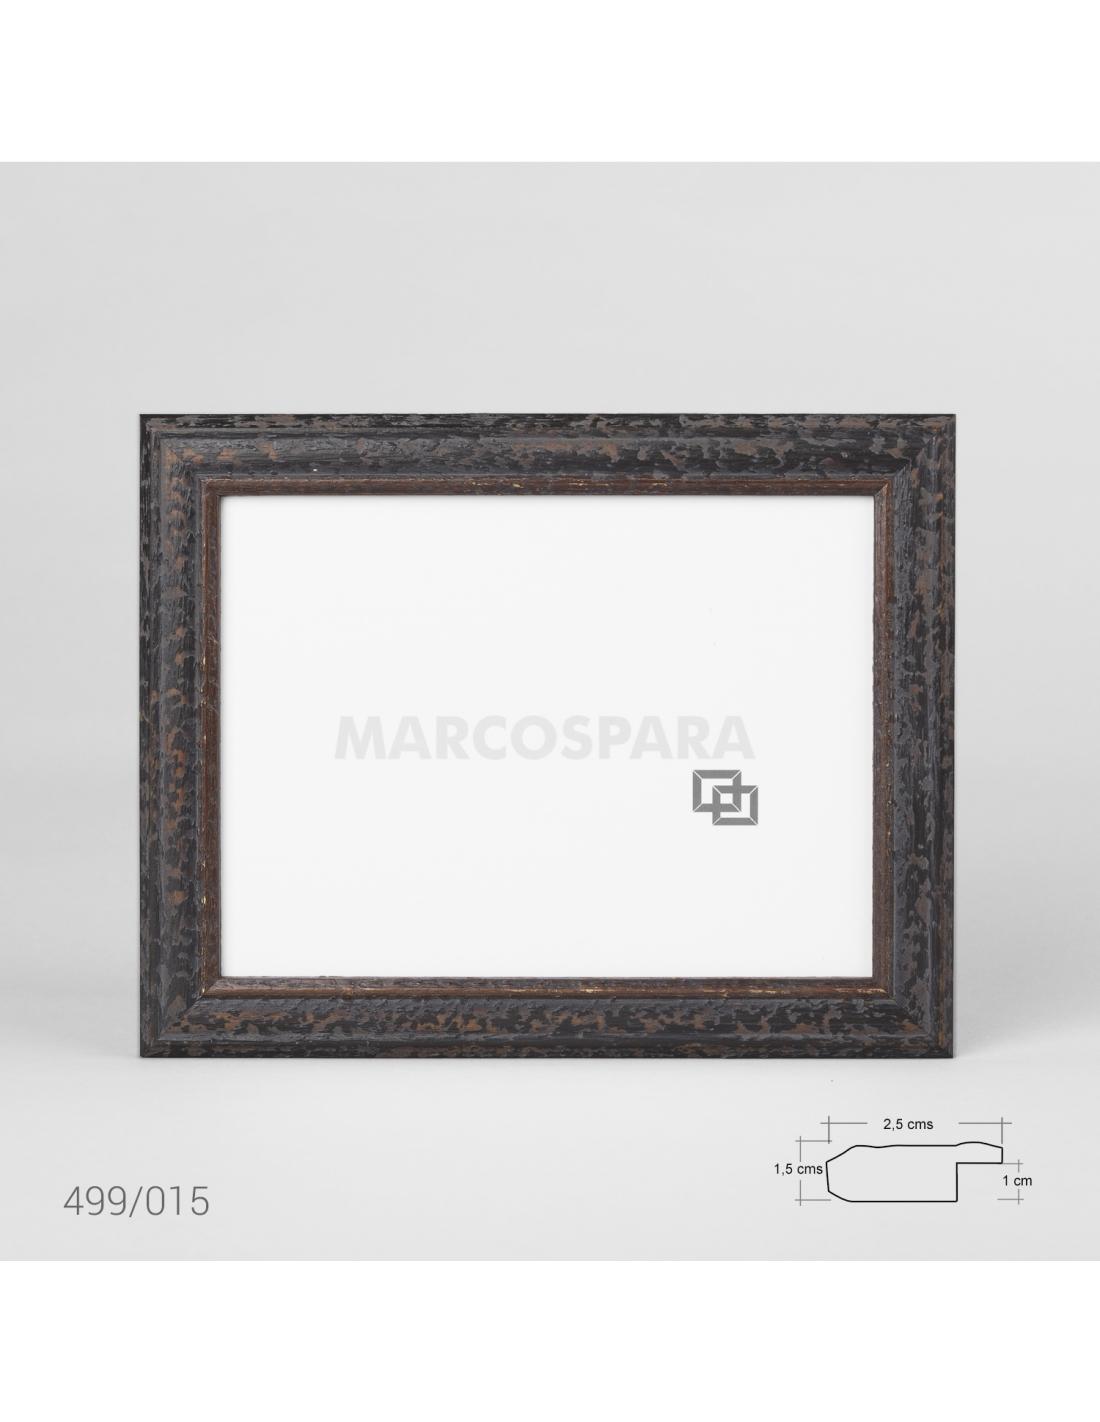 Marcos de madera para Fotos M499